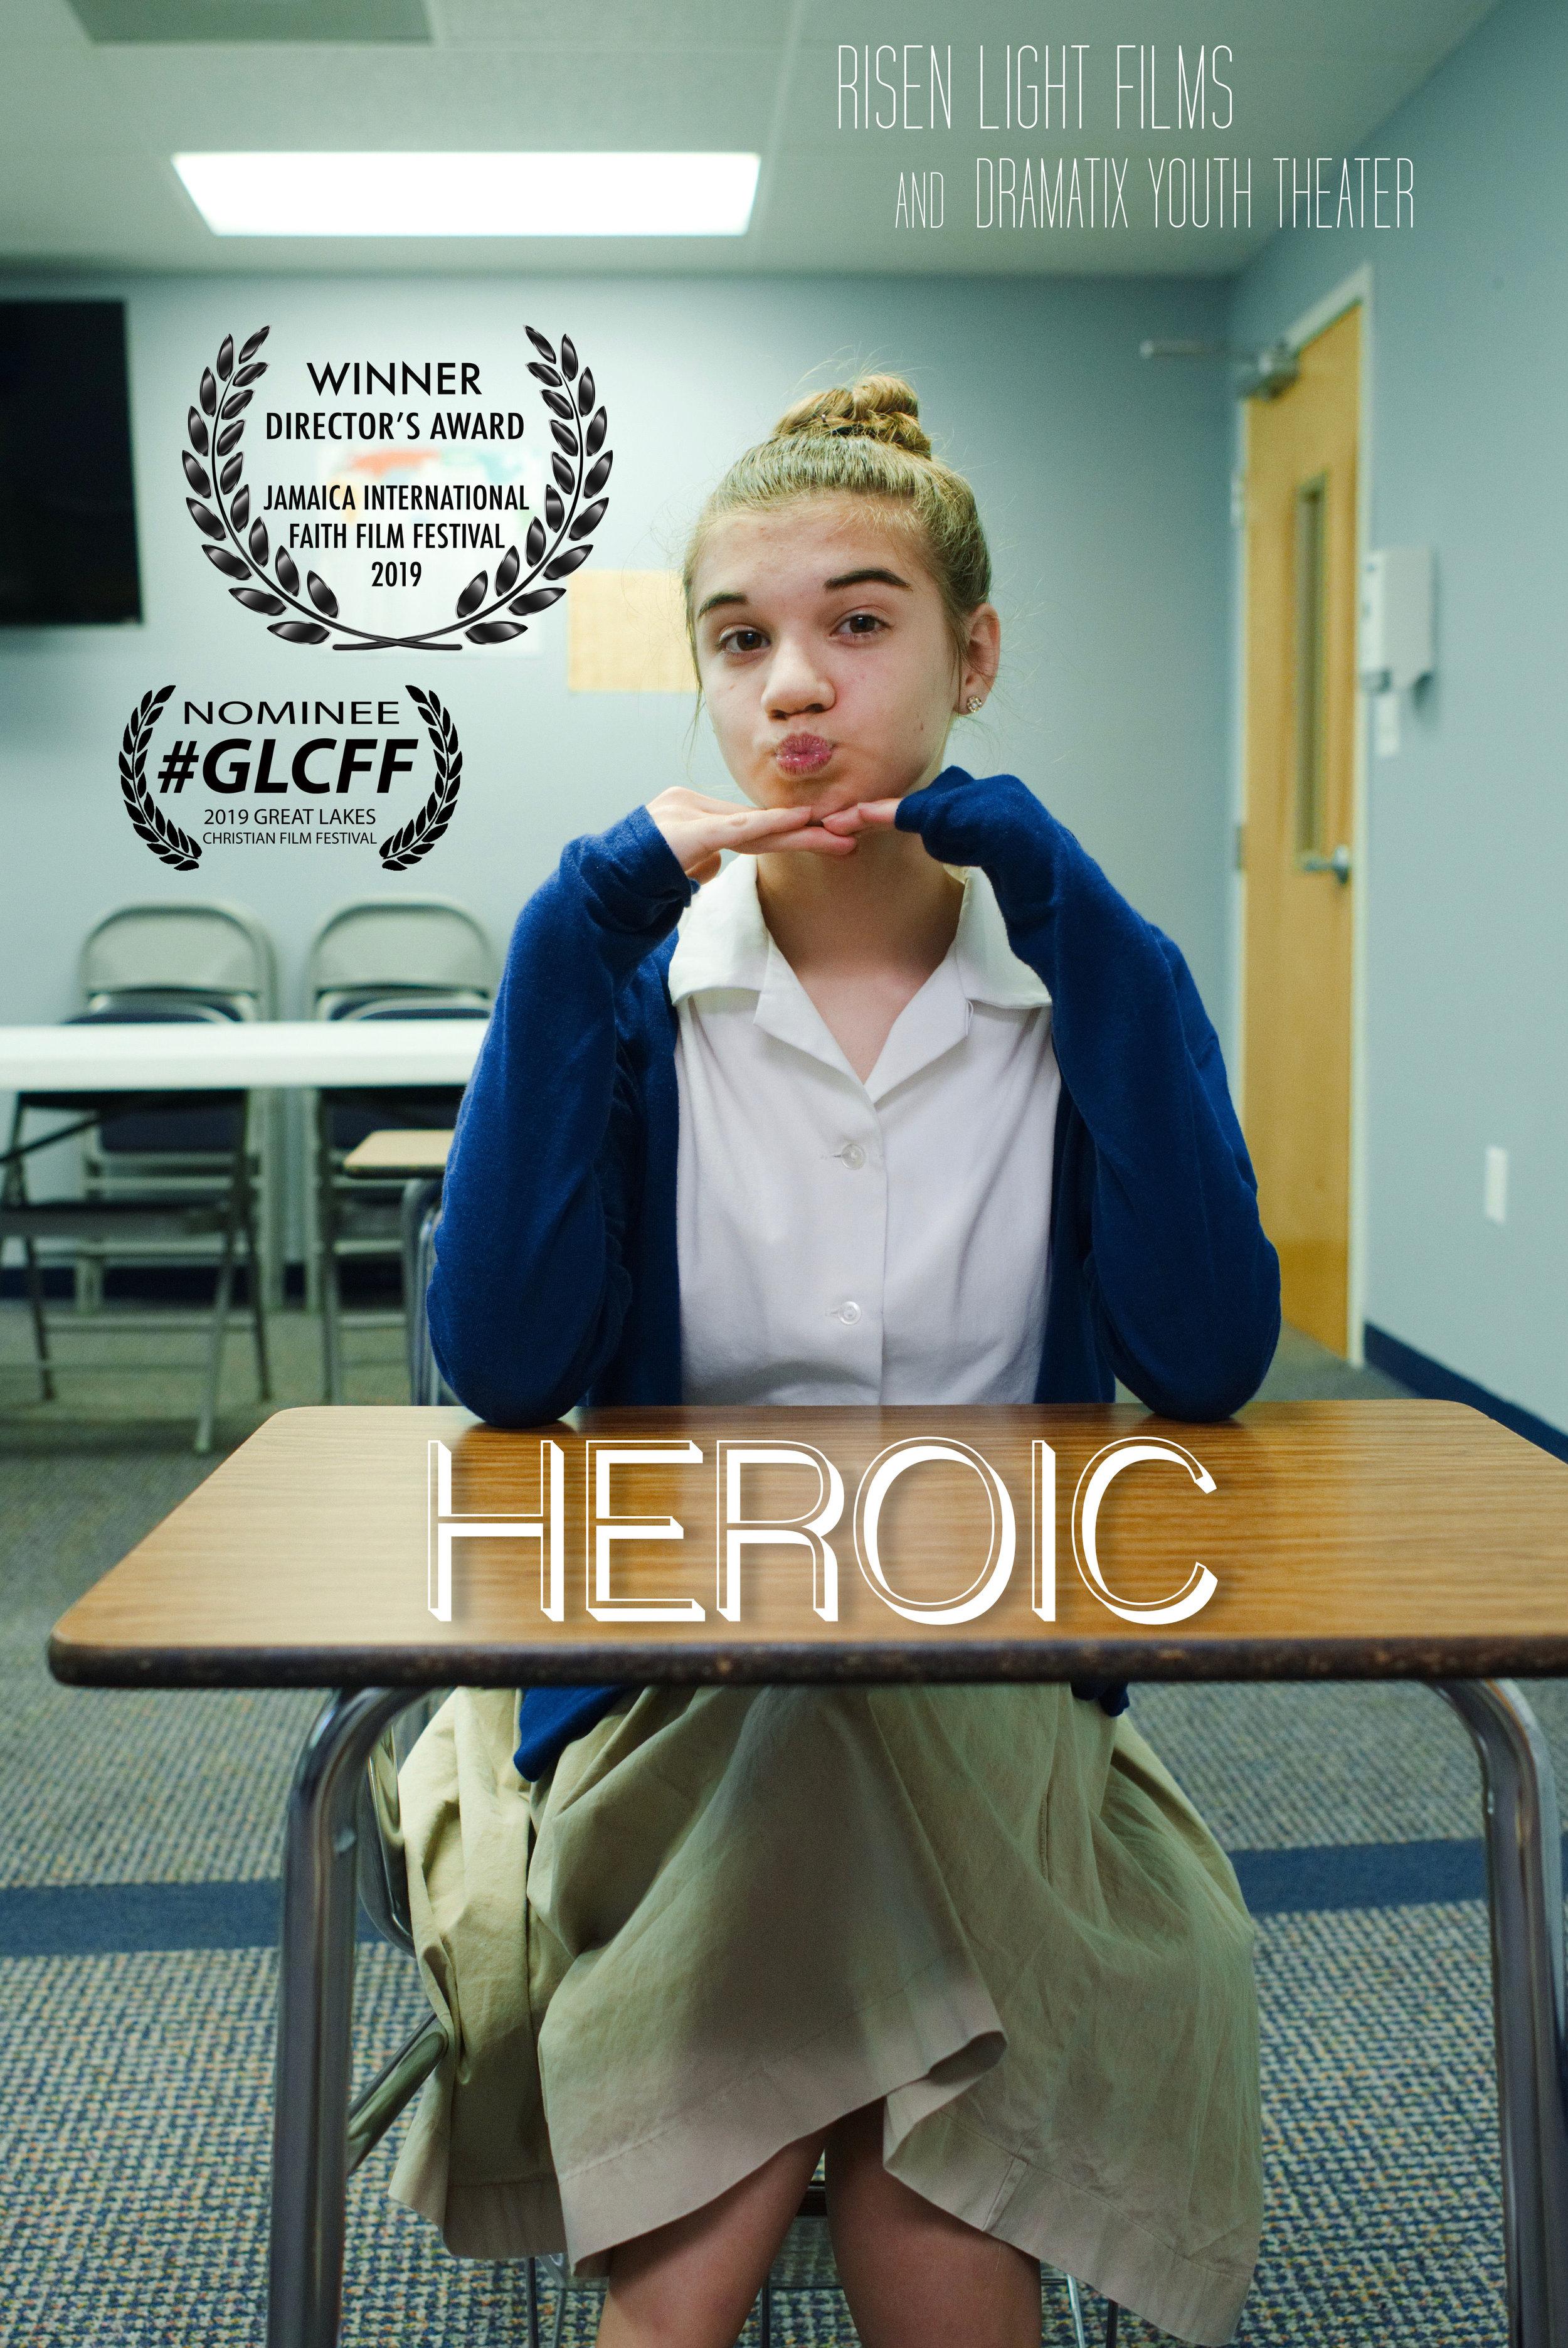 Heroic - Risen Light Films.jpg